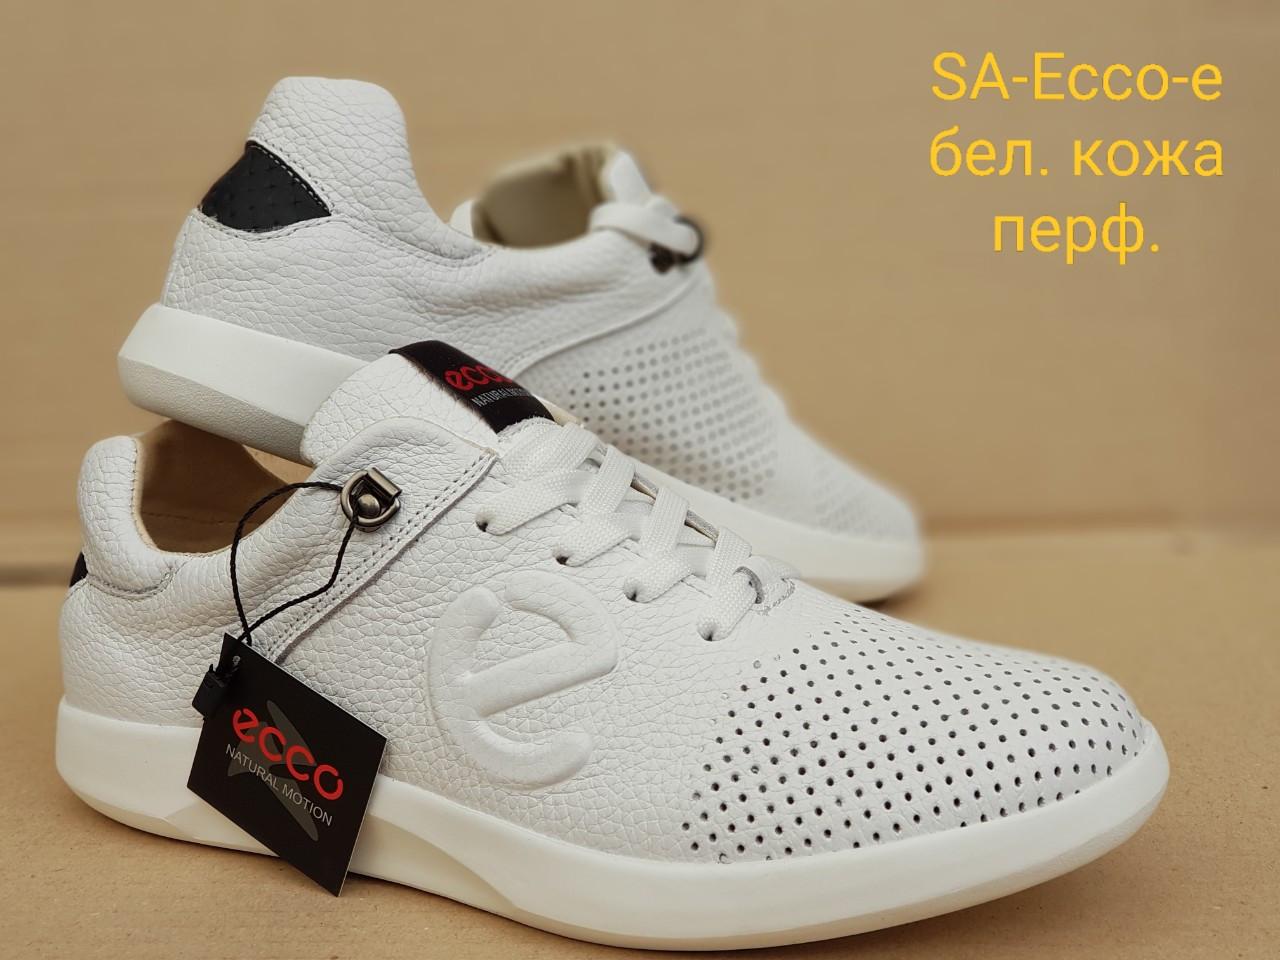 Кроссовки SA Ecco- e перфорация кожа белые